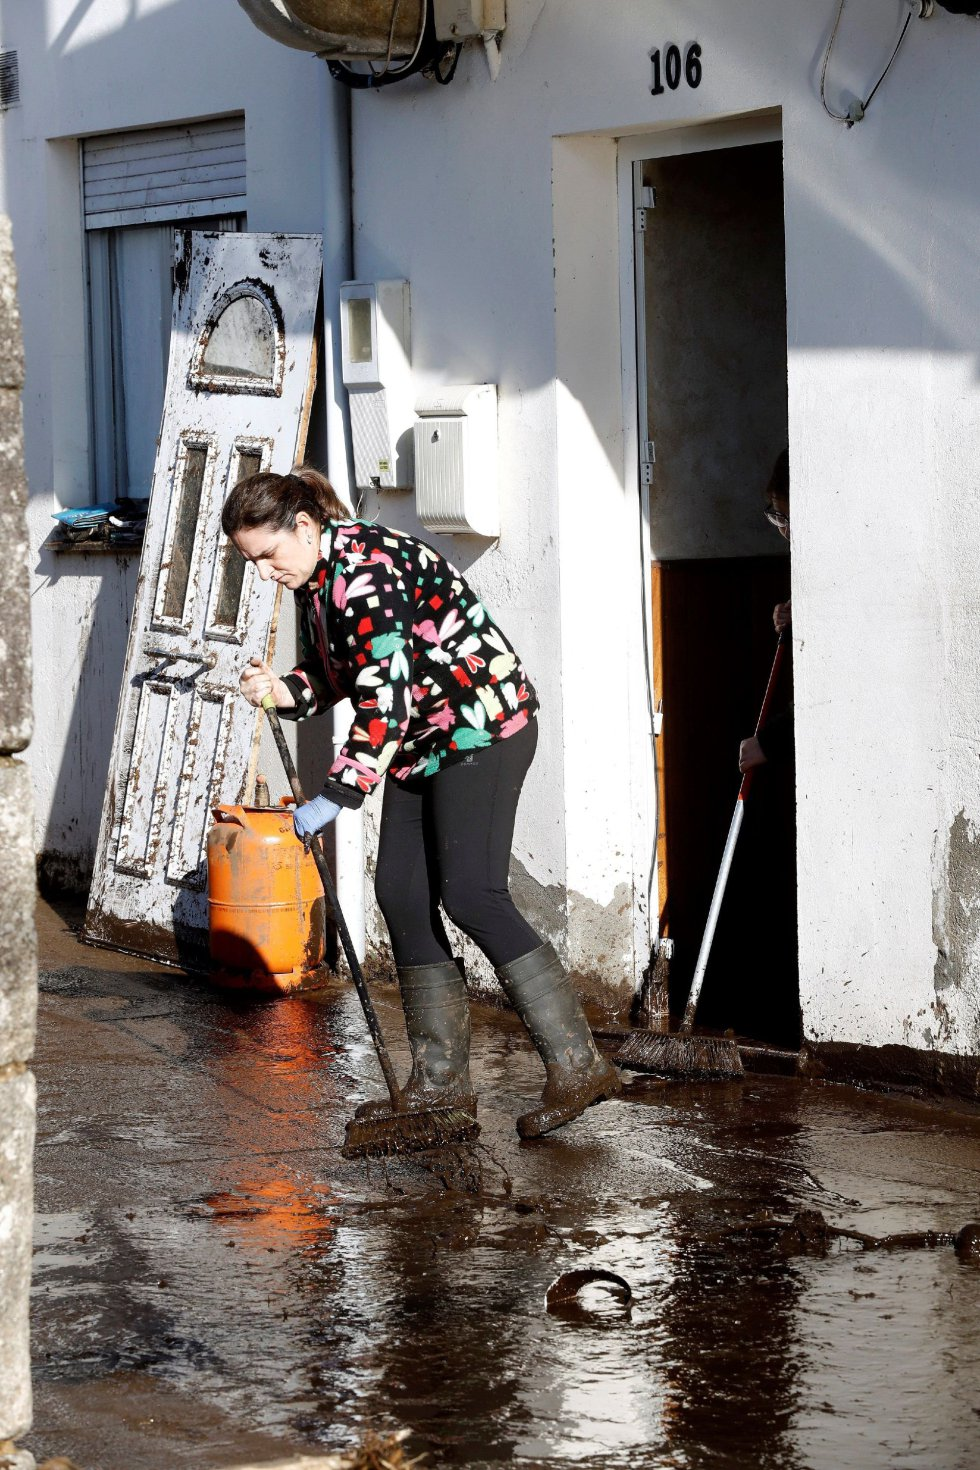 Una vecina limpia los restos de la riada junto a su vivienda en el barrio de Xunqueira.